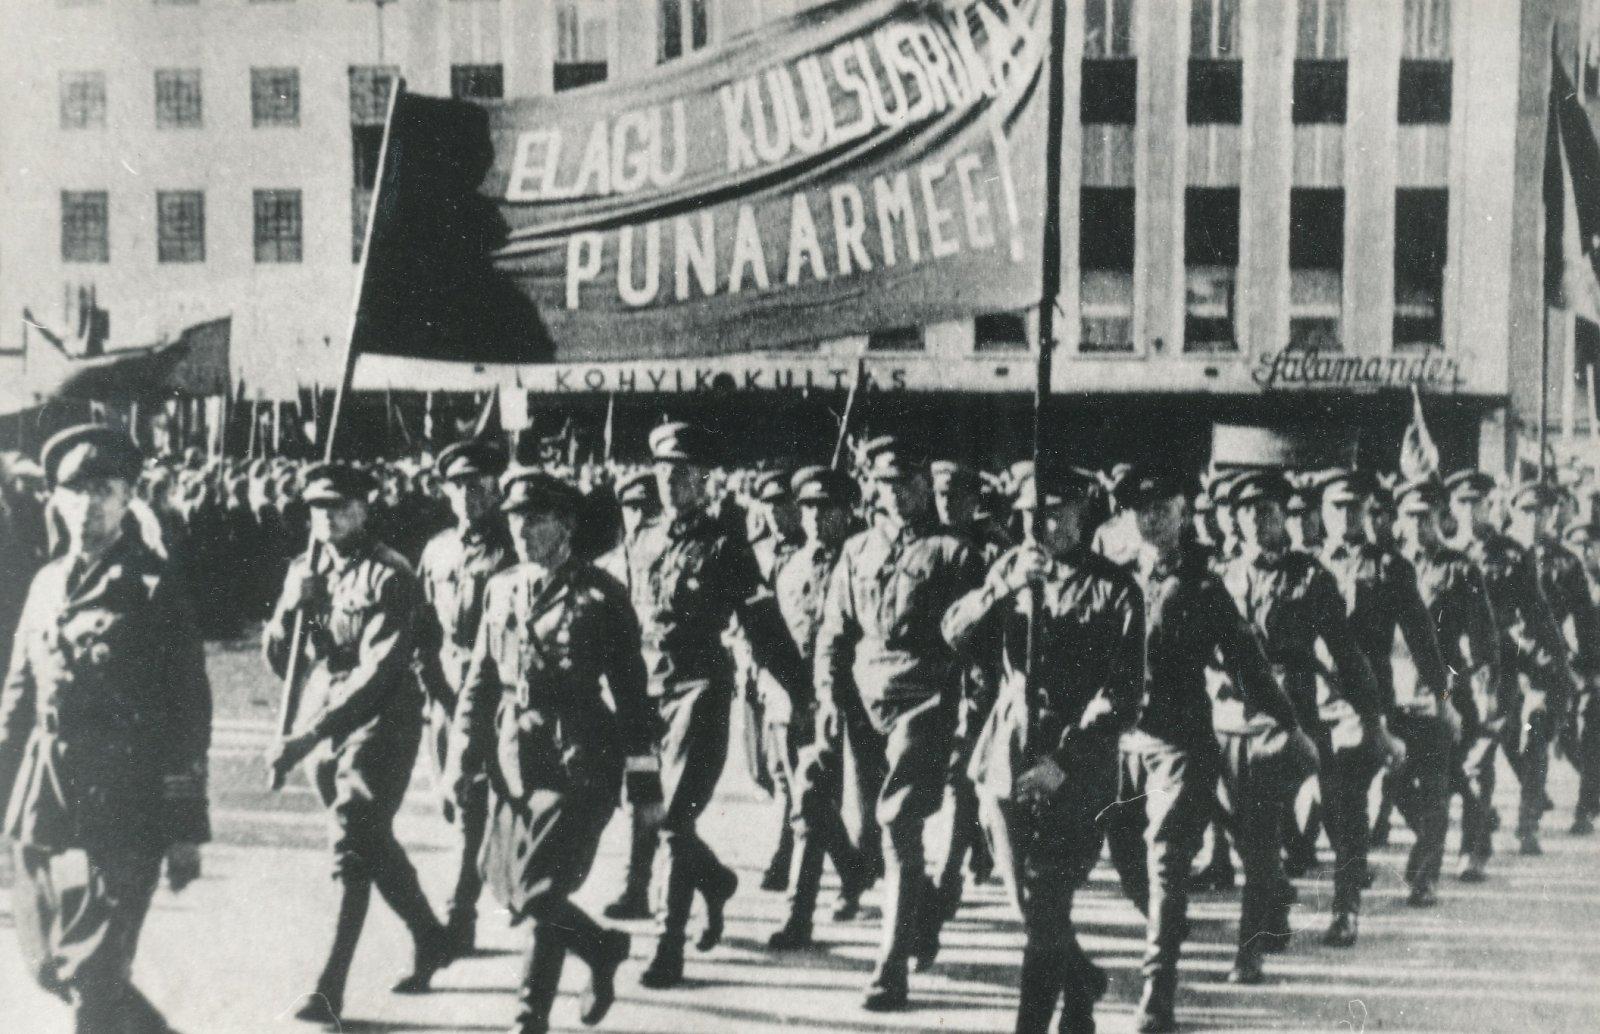 Ajaloolane:  punaarmeed Eestis lilledega ei tervitatud, röövisid ja tsiviilisikute kallal vägivallatsesid nii sõdurid kui ohvitserid